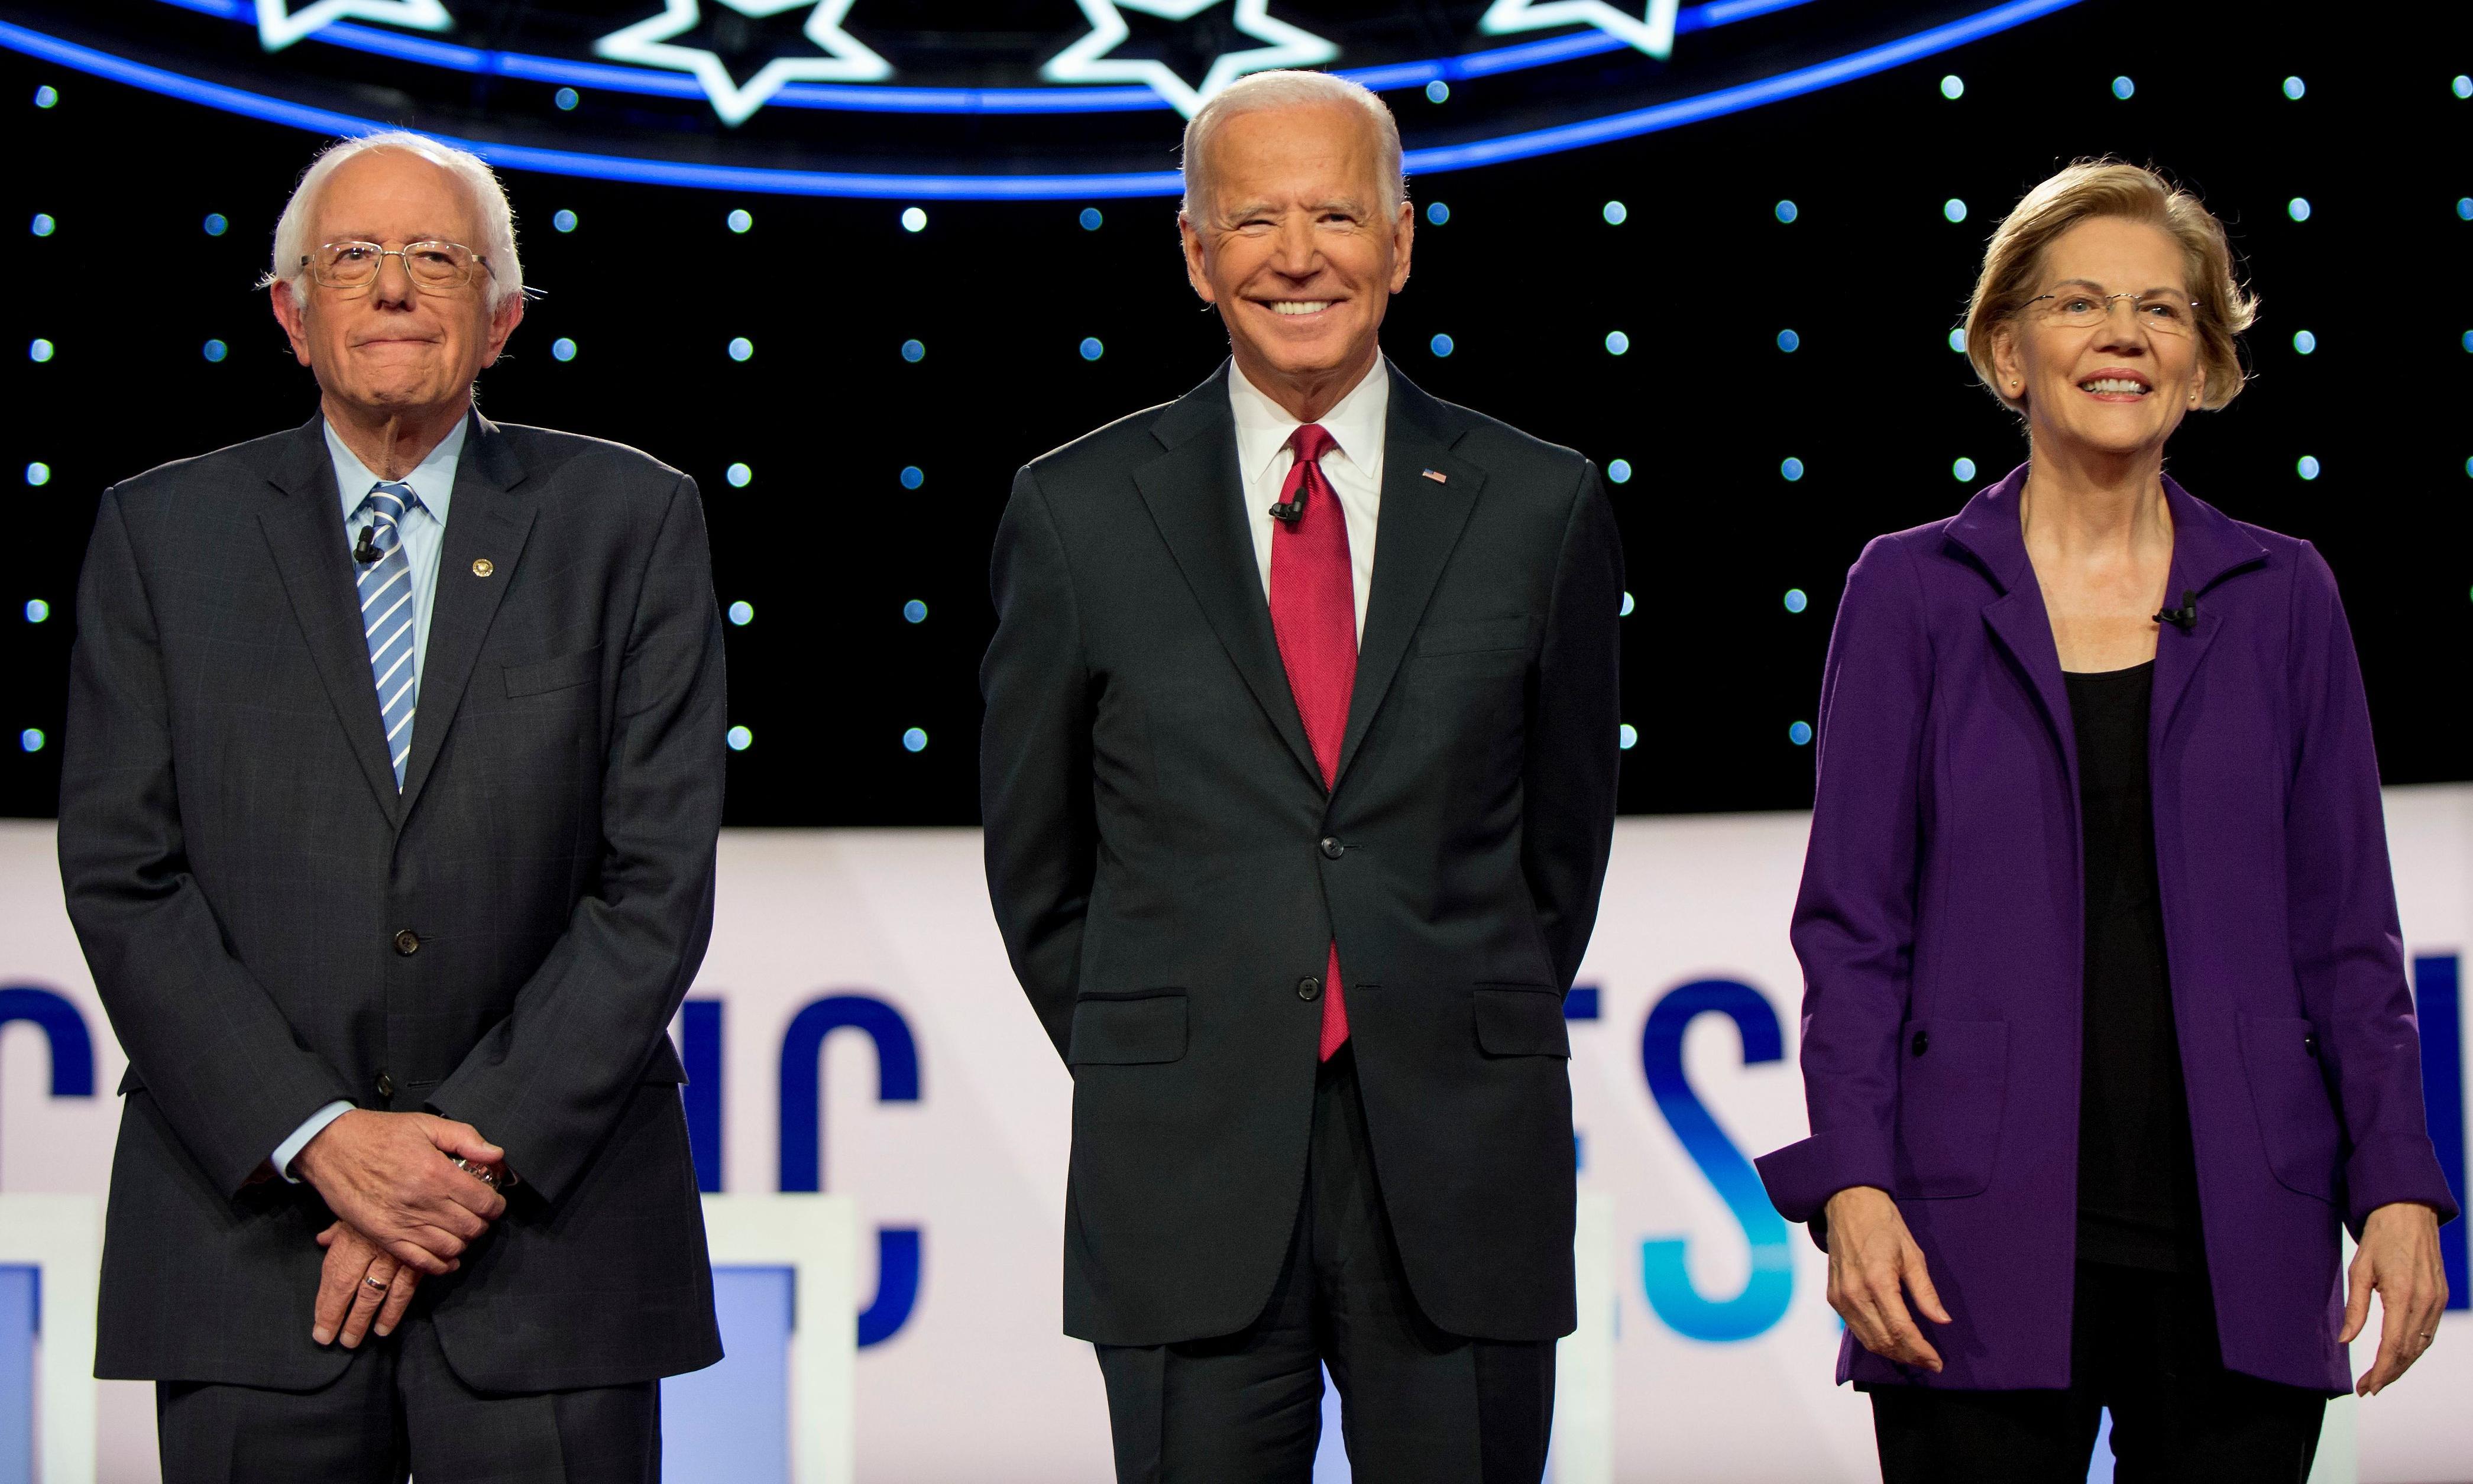 It's Warren, Sanders or Biden vs Trump – all the other Democrats are irrelevant